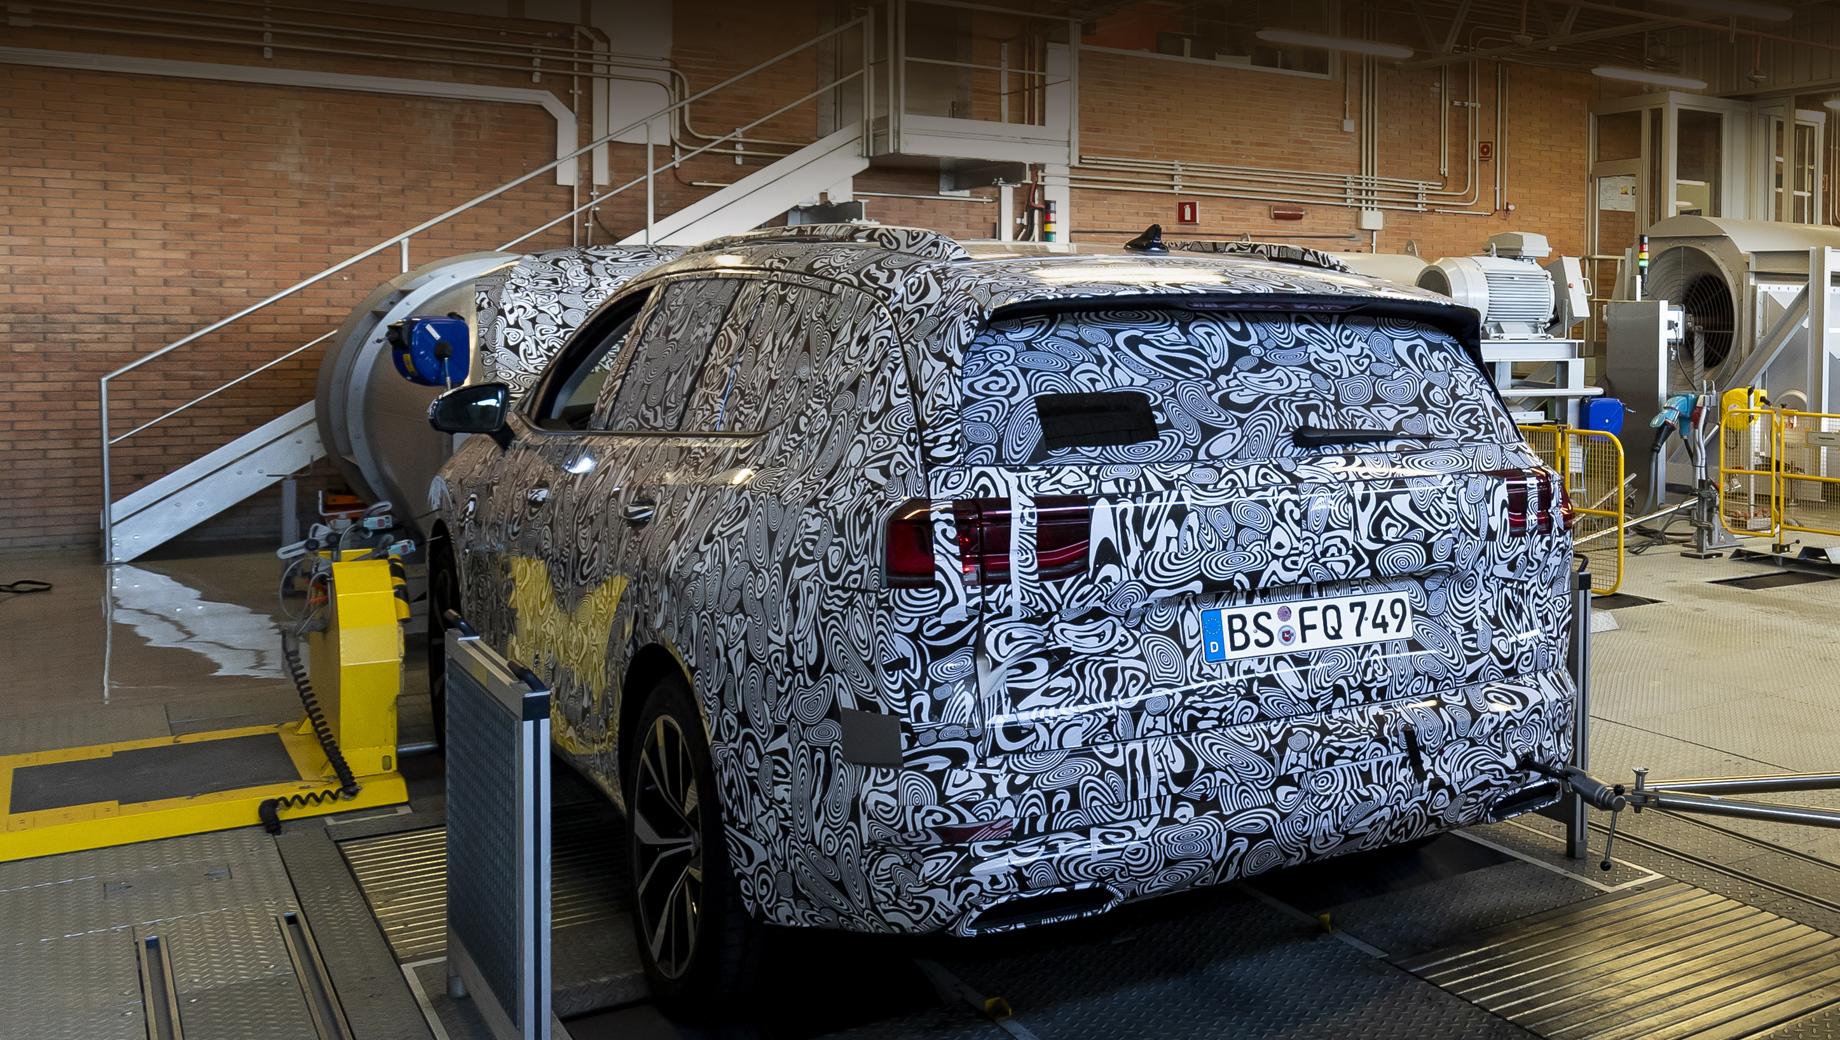 Volkswagen smv,Volkswagen talagon. Остекление, задняя стойка, фонари, рельеф боковин и зеркала подозрительно напоминают концепт SMV.